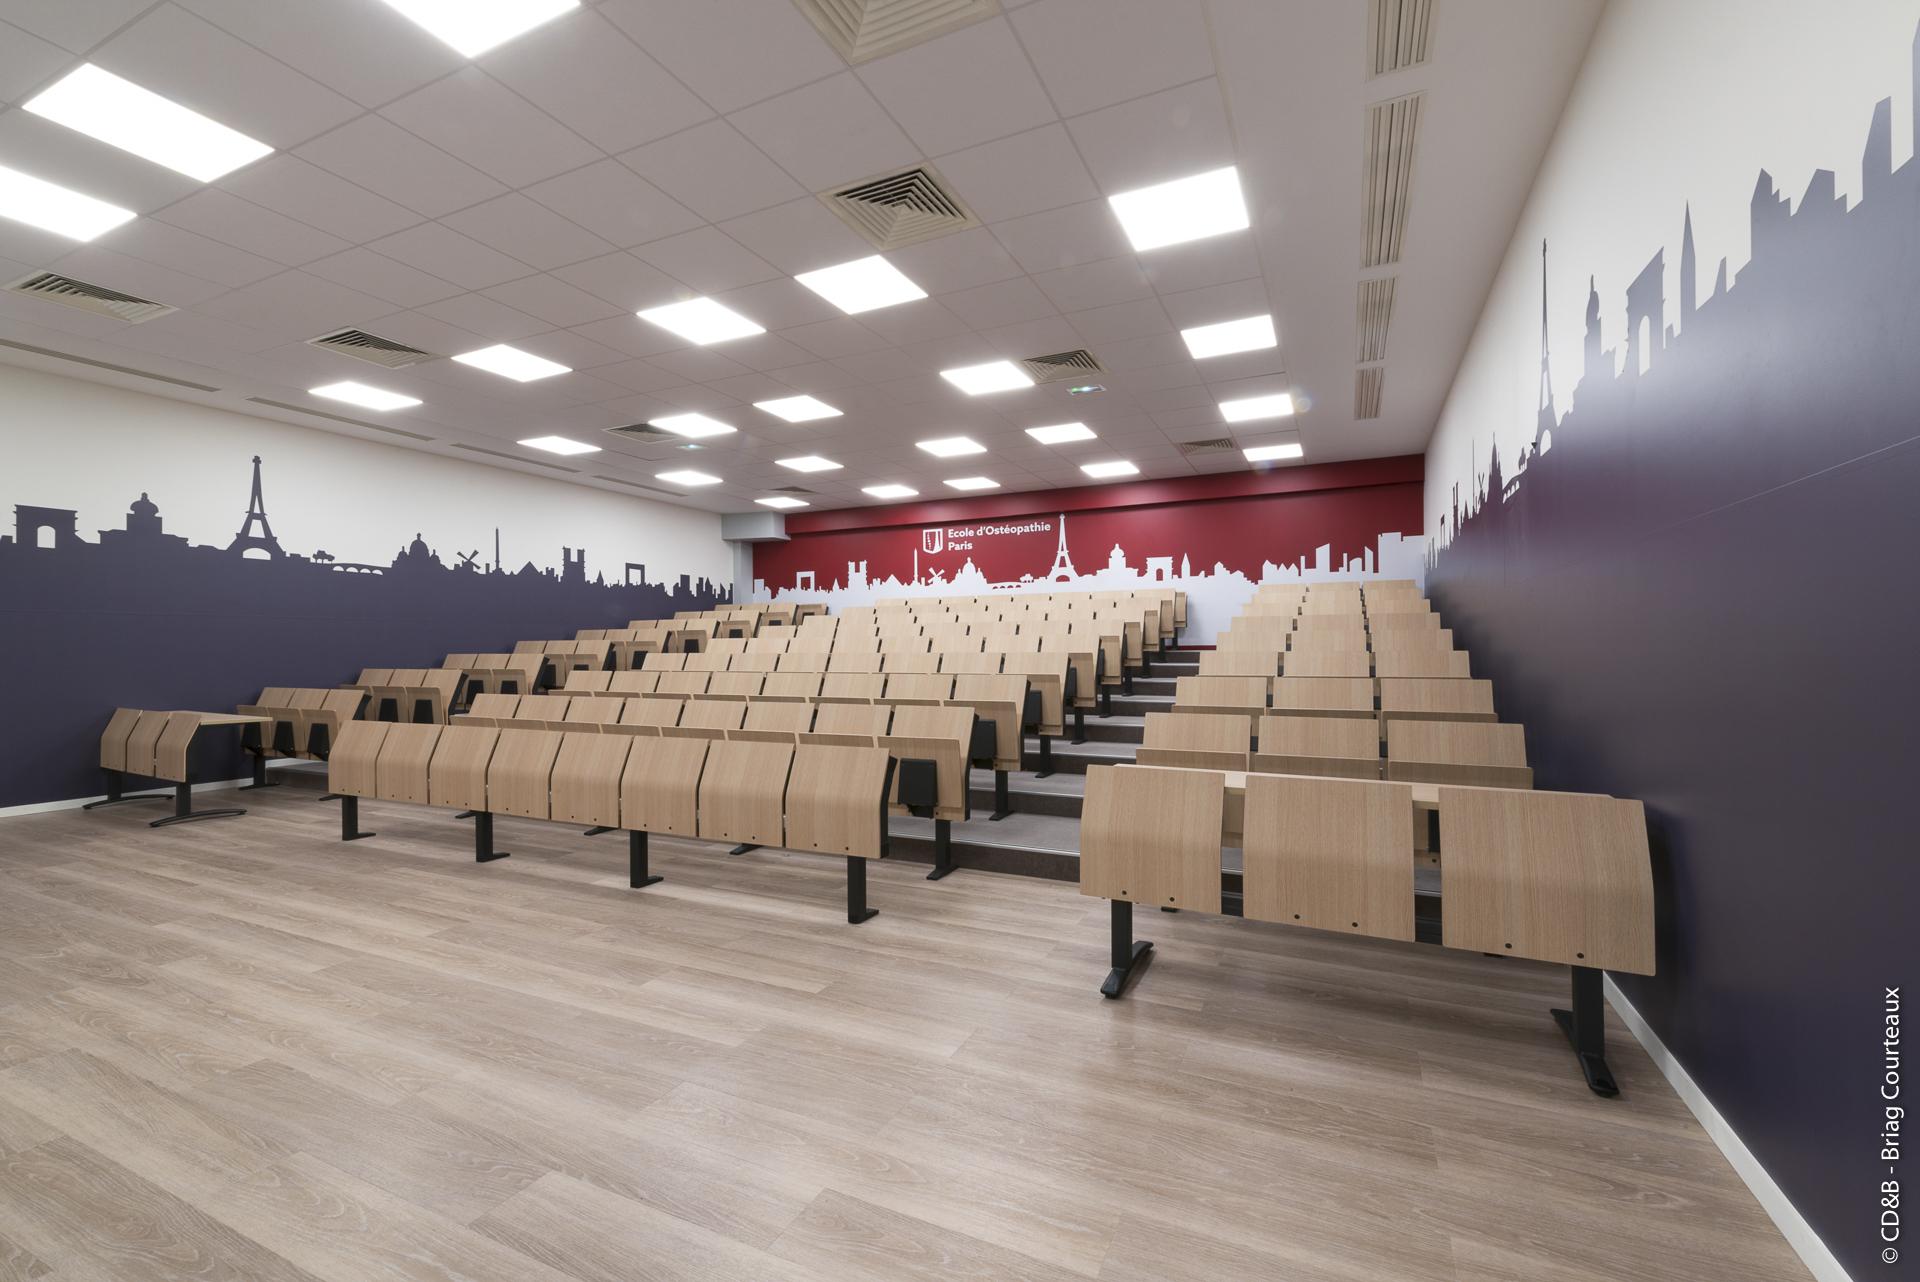 Conseil, aménagement, conception et réalisation des espaces de travail à l'École d'Ostéopathie de Paris par CDB, Meet you there.